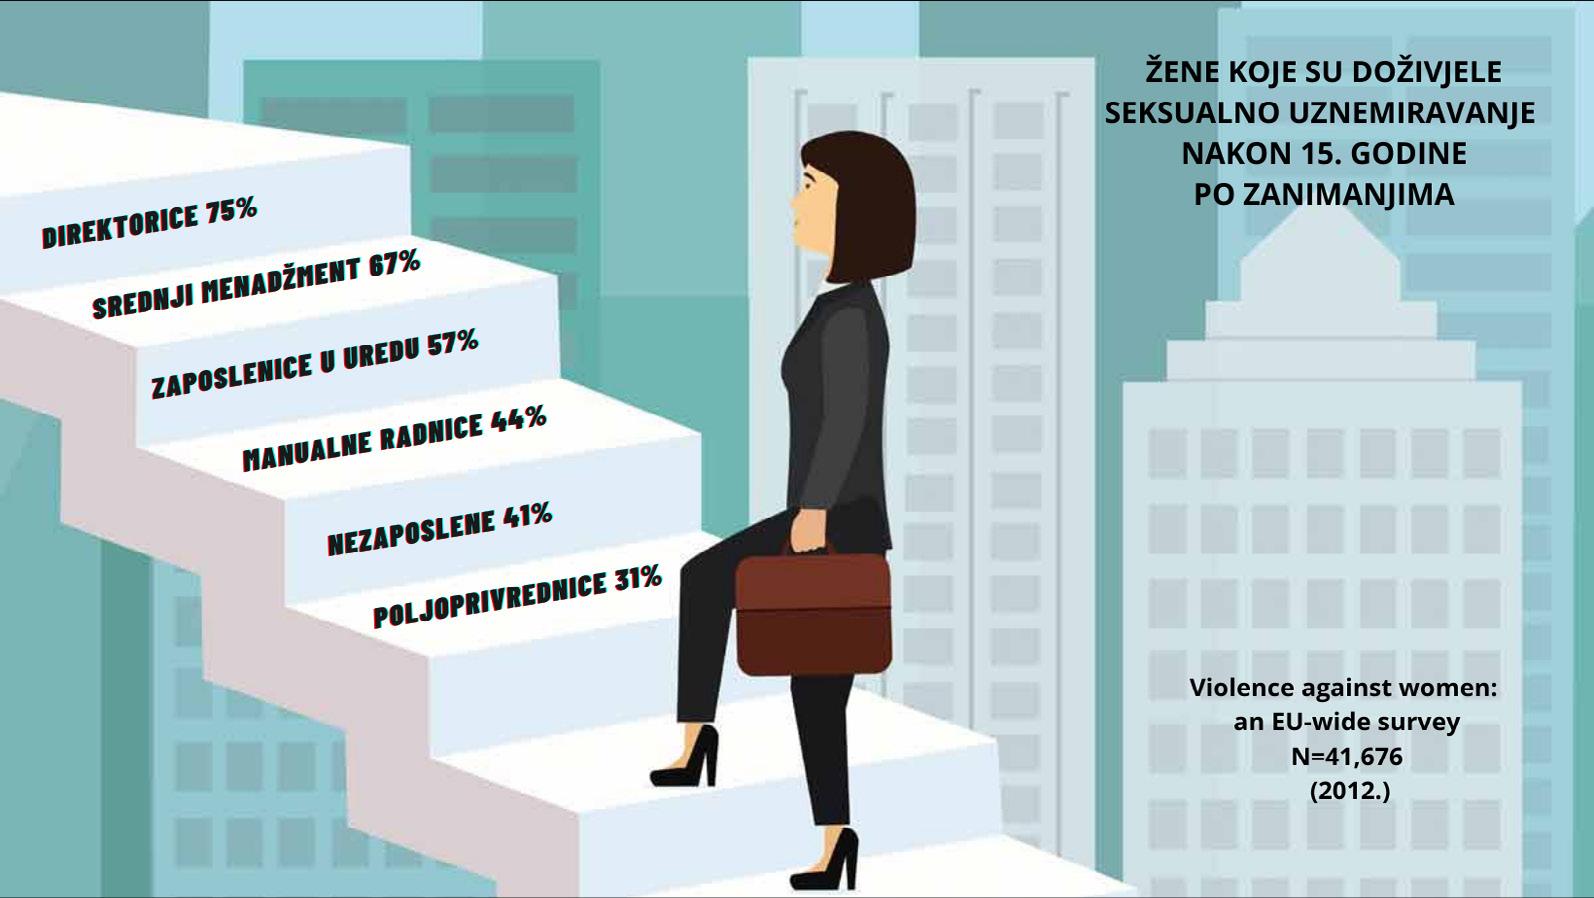 Zaustavimo rastuće elektroničko nasilje prema ženama 3 - hrpsor Hrvatski poslovni savjet za održivi razvoj